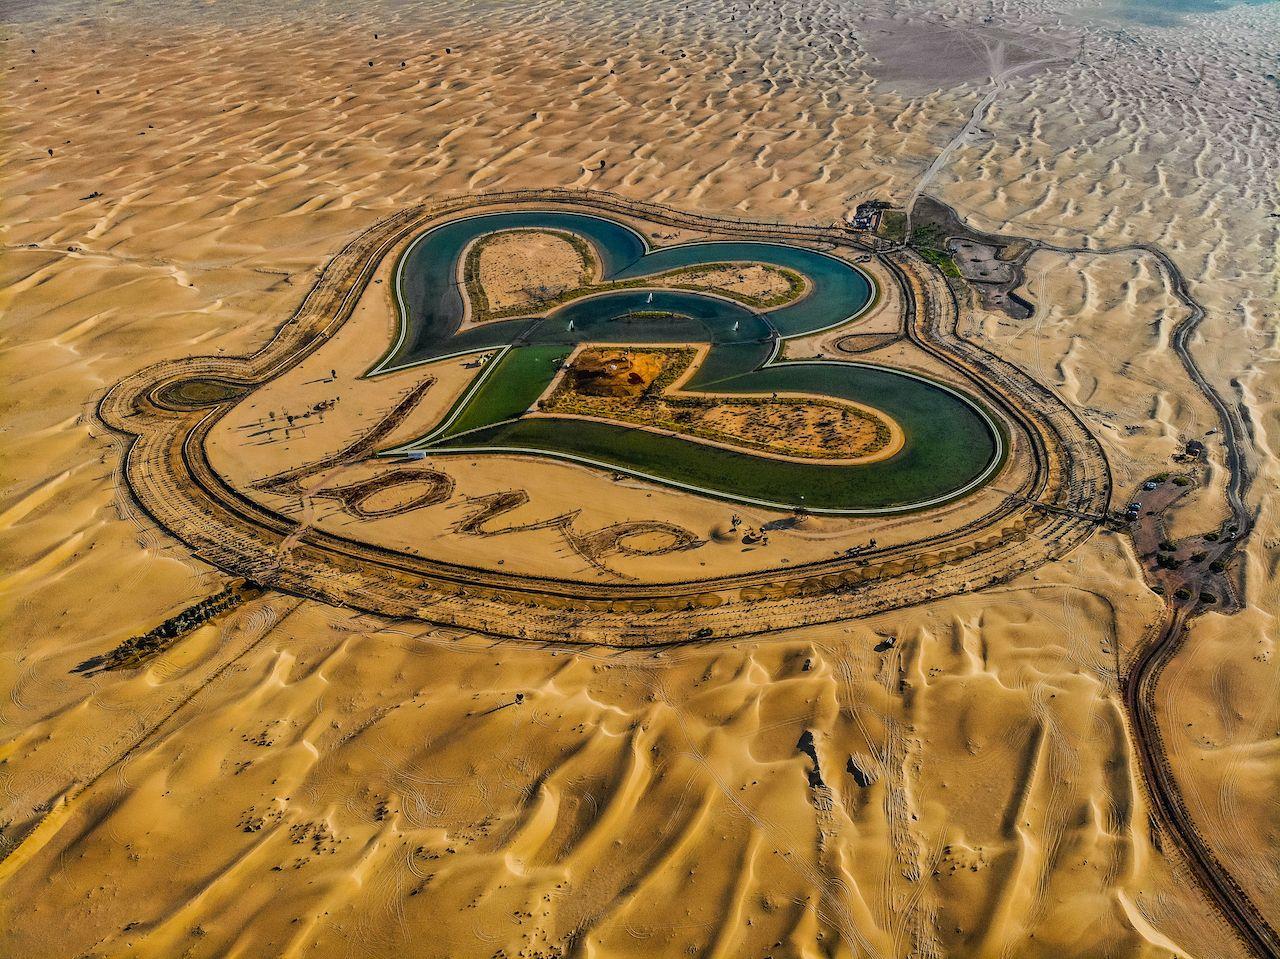 Aerial,View,Of,Entire,Love,Lake,Dubai,At,Al,Qudra, week in Dubai